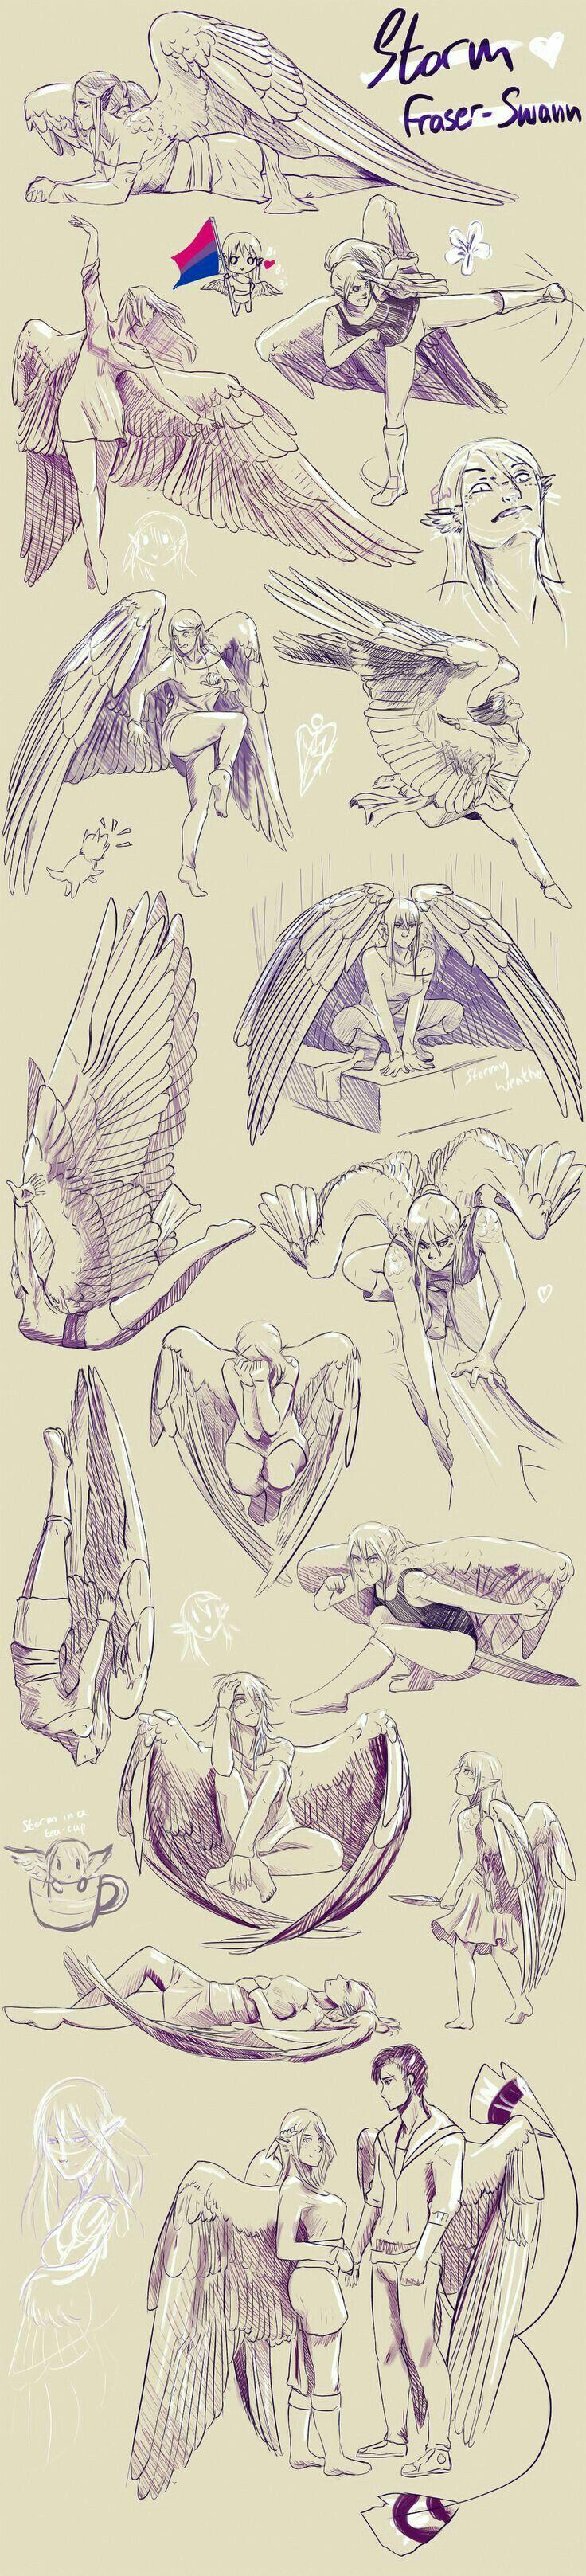 Pin von Jayden S. auf Art | Pinterest | Zeichnen, Menschen zeichnen ...